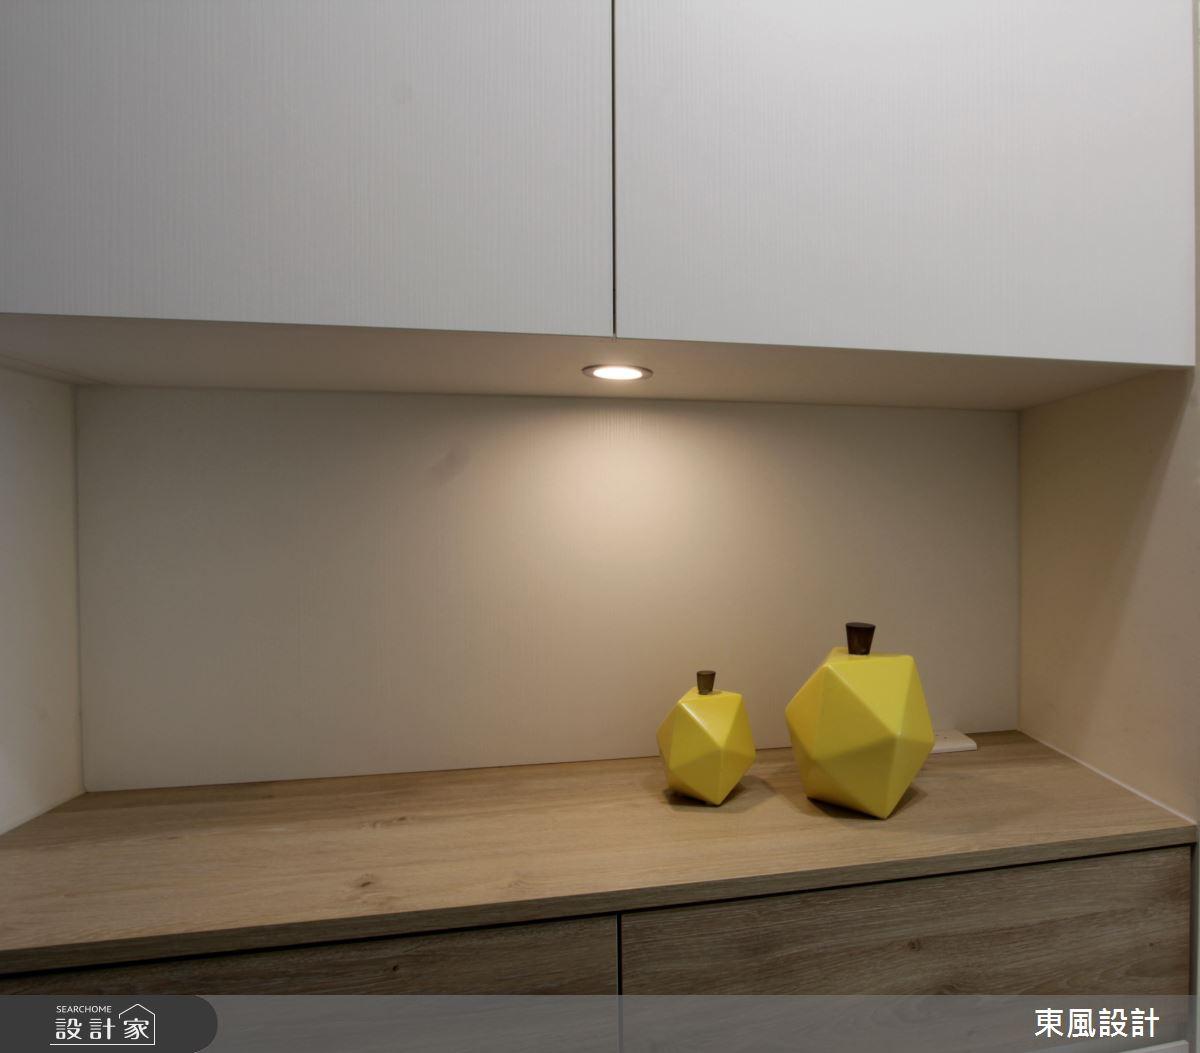 26坪新成屋(5年以下)_簡約風玄關案例圖片_東風室內設計_東風_38之1